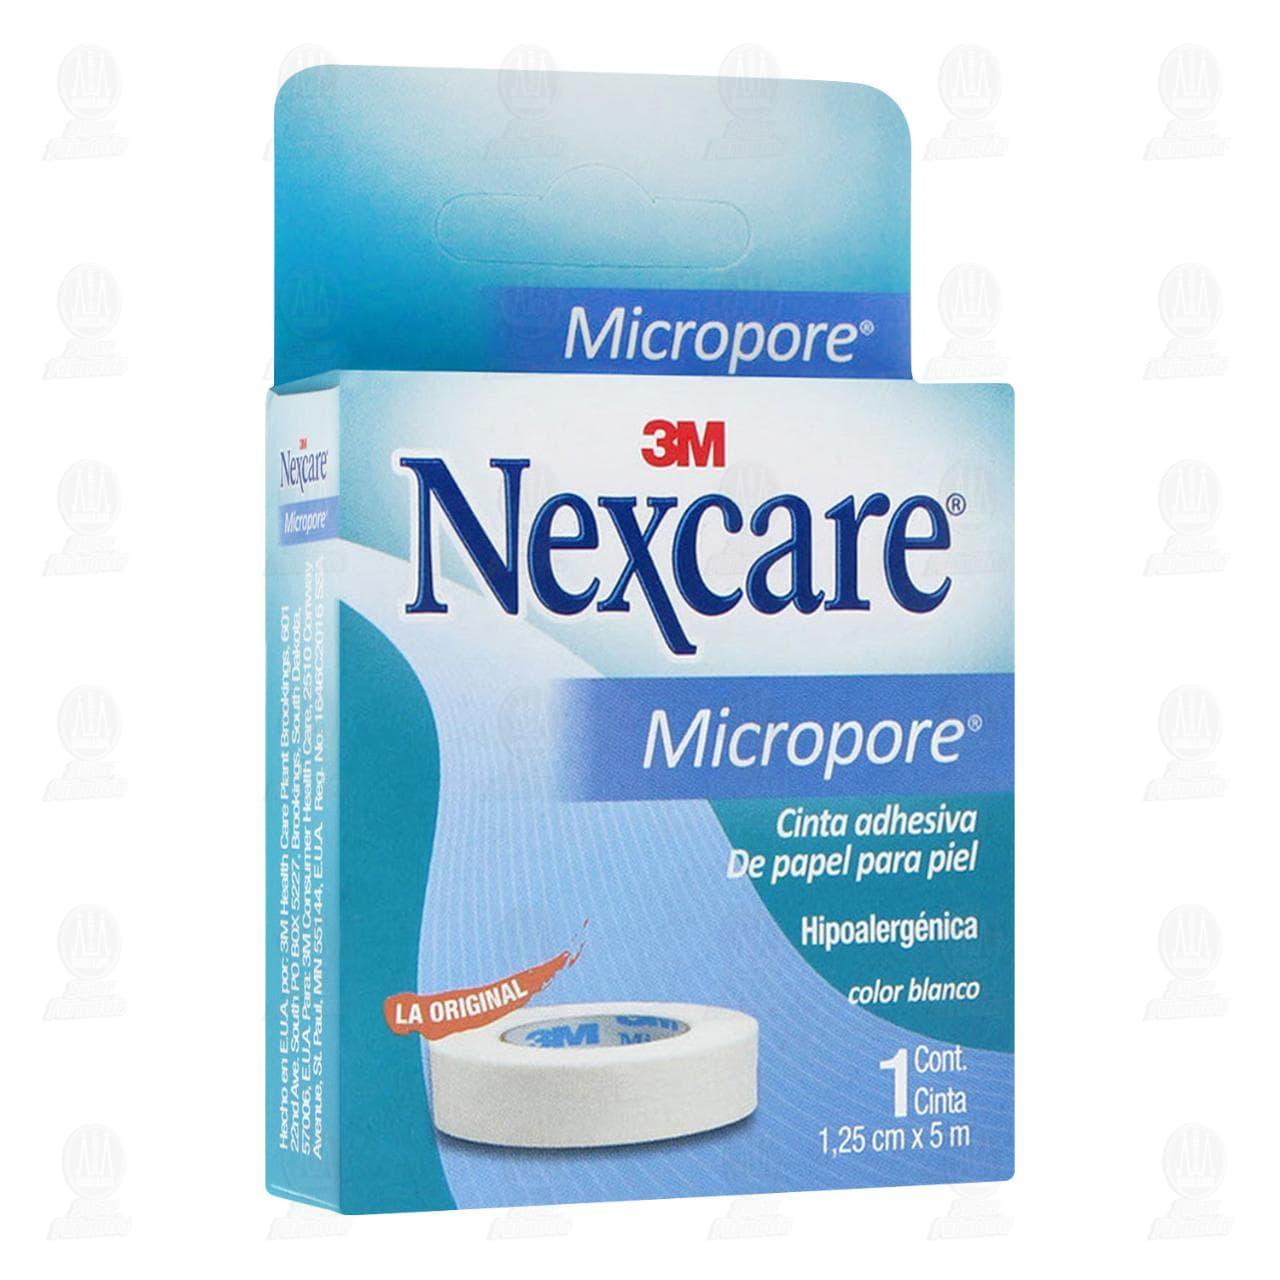 Comprar 3M Nexcare Cinta Adhesiva Micropore 1.25cm x 5m Color Blanco 1pz en Farmacias Guadalajara